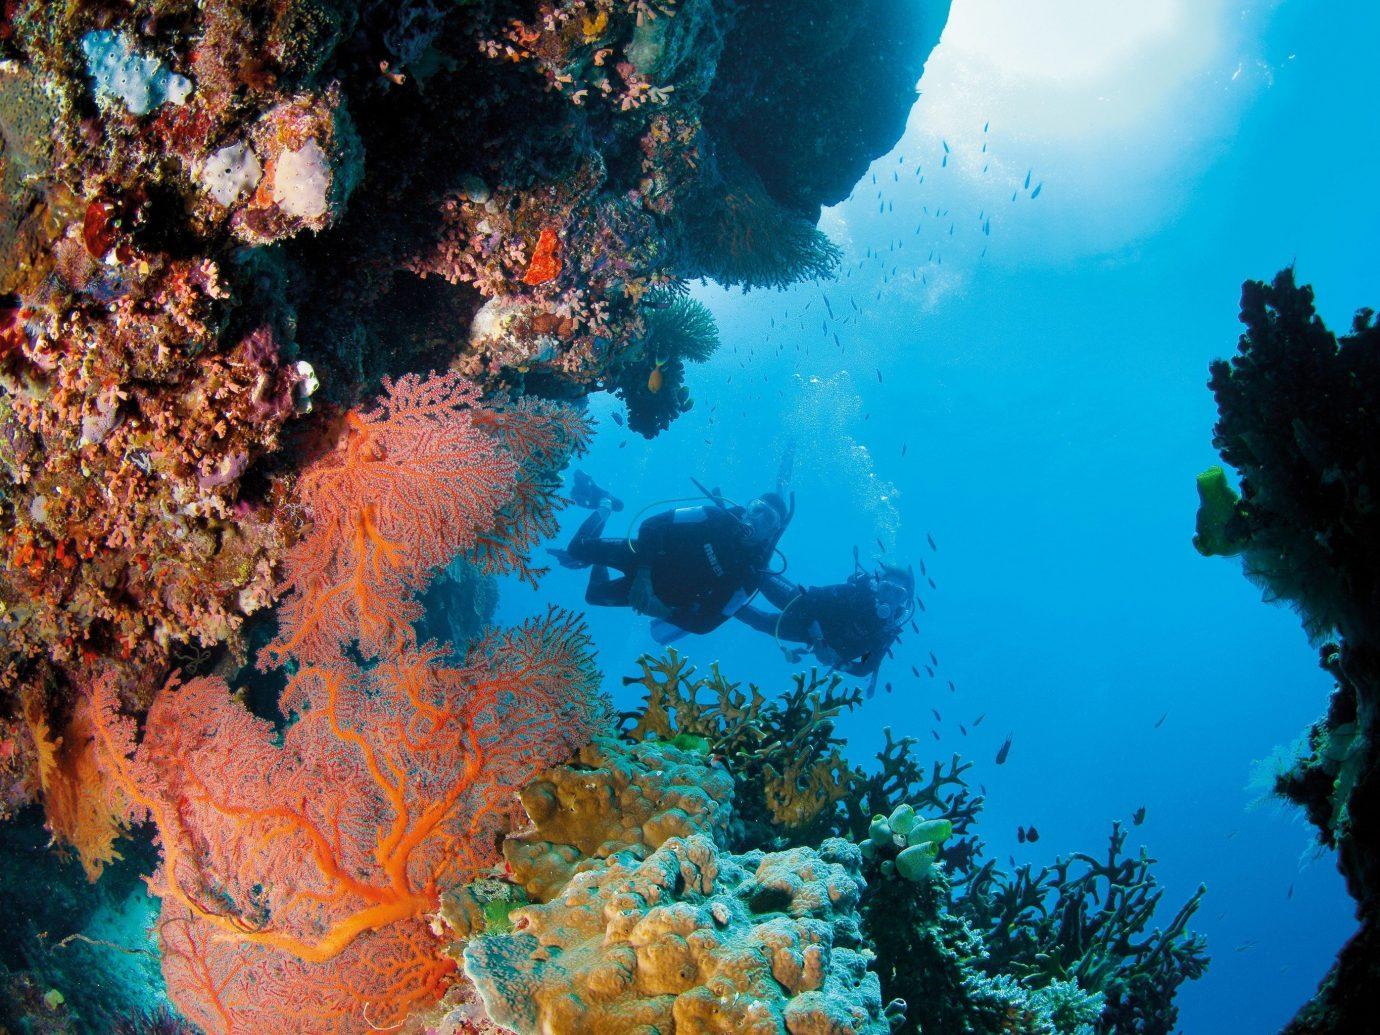 Trip Ideas tree coral reef reef marine biology underwater coral biology Ocean Sea coral reef fish swimming surrounded Forest ocean floor